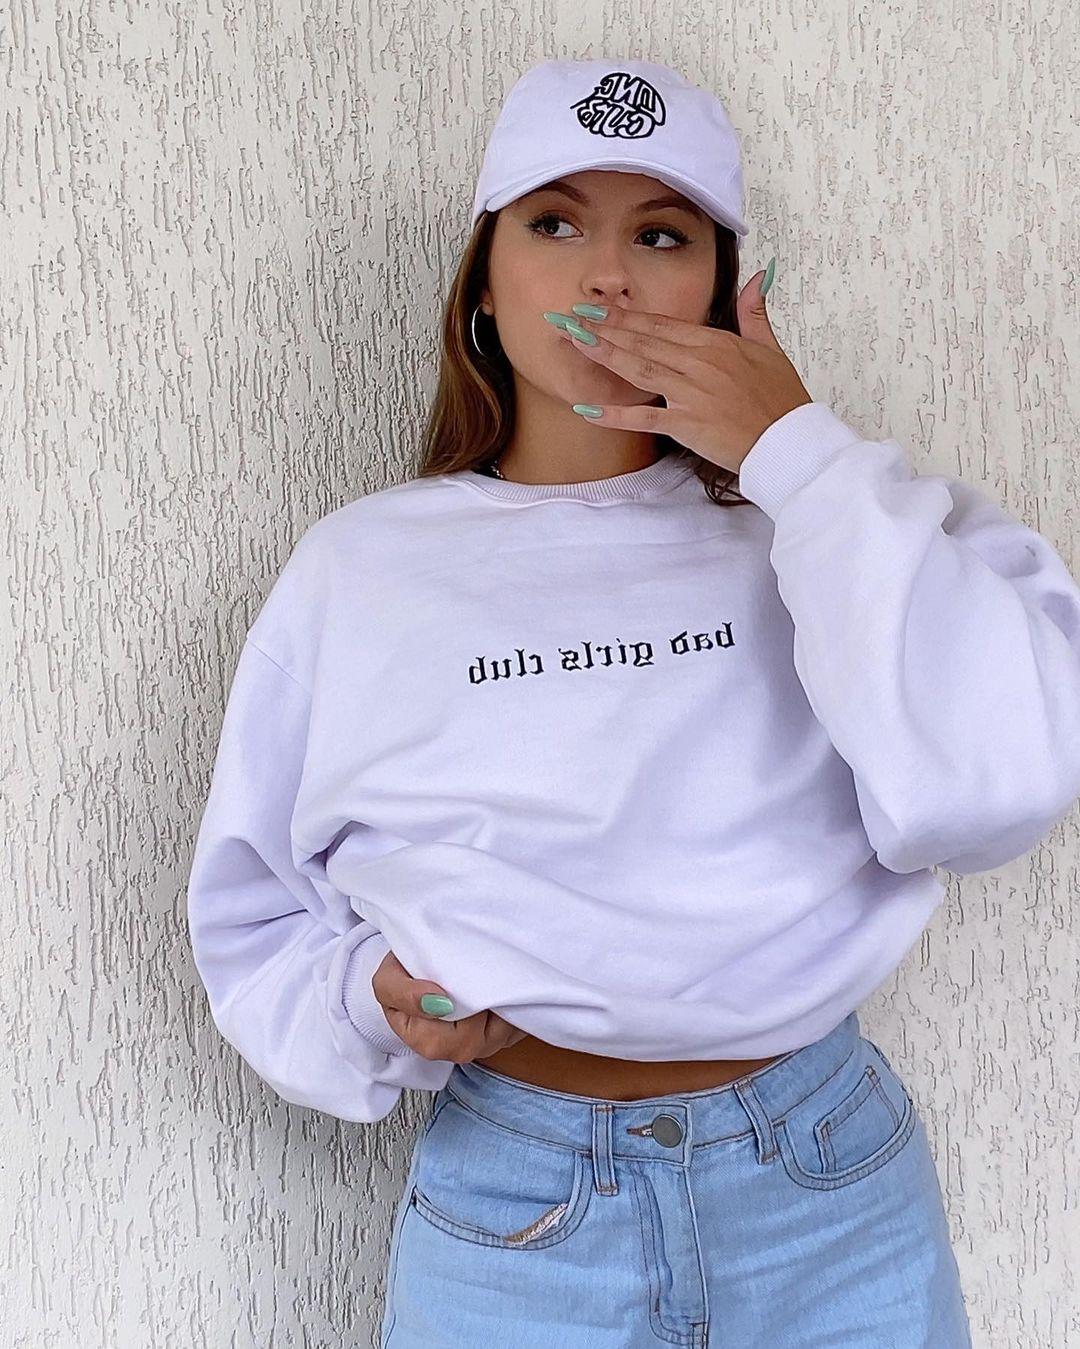 Foto de uma garota em frente a uma parede branca. Ela usa um moletom branco baggy, calça jeans e boné branco. Ela olha para o lado está com a mão na boca.